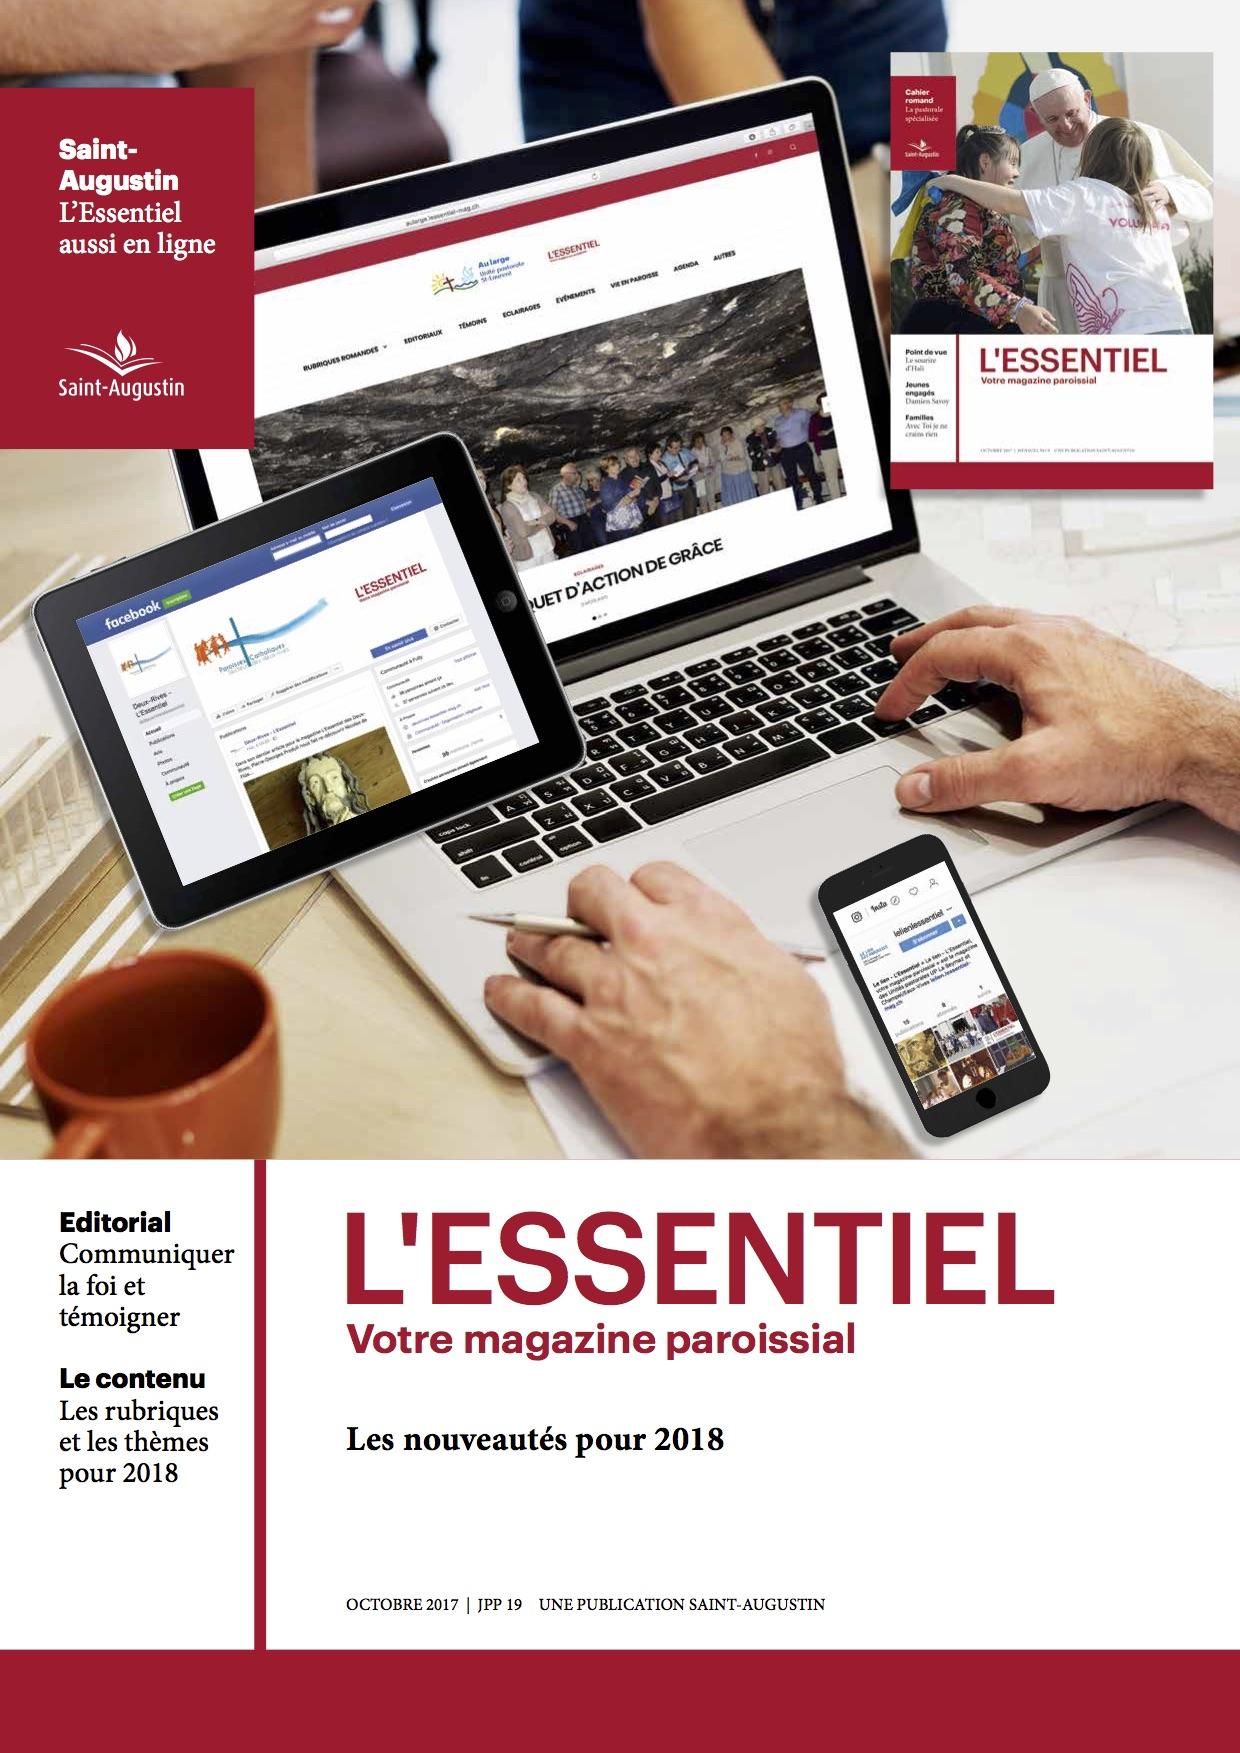 19ème Journée de la presse paroissiale – 7 octobre 2017